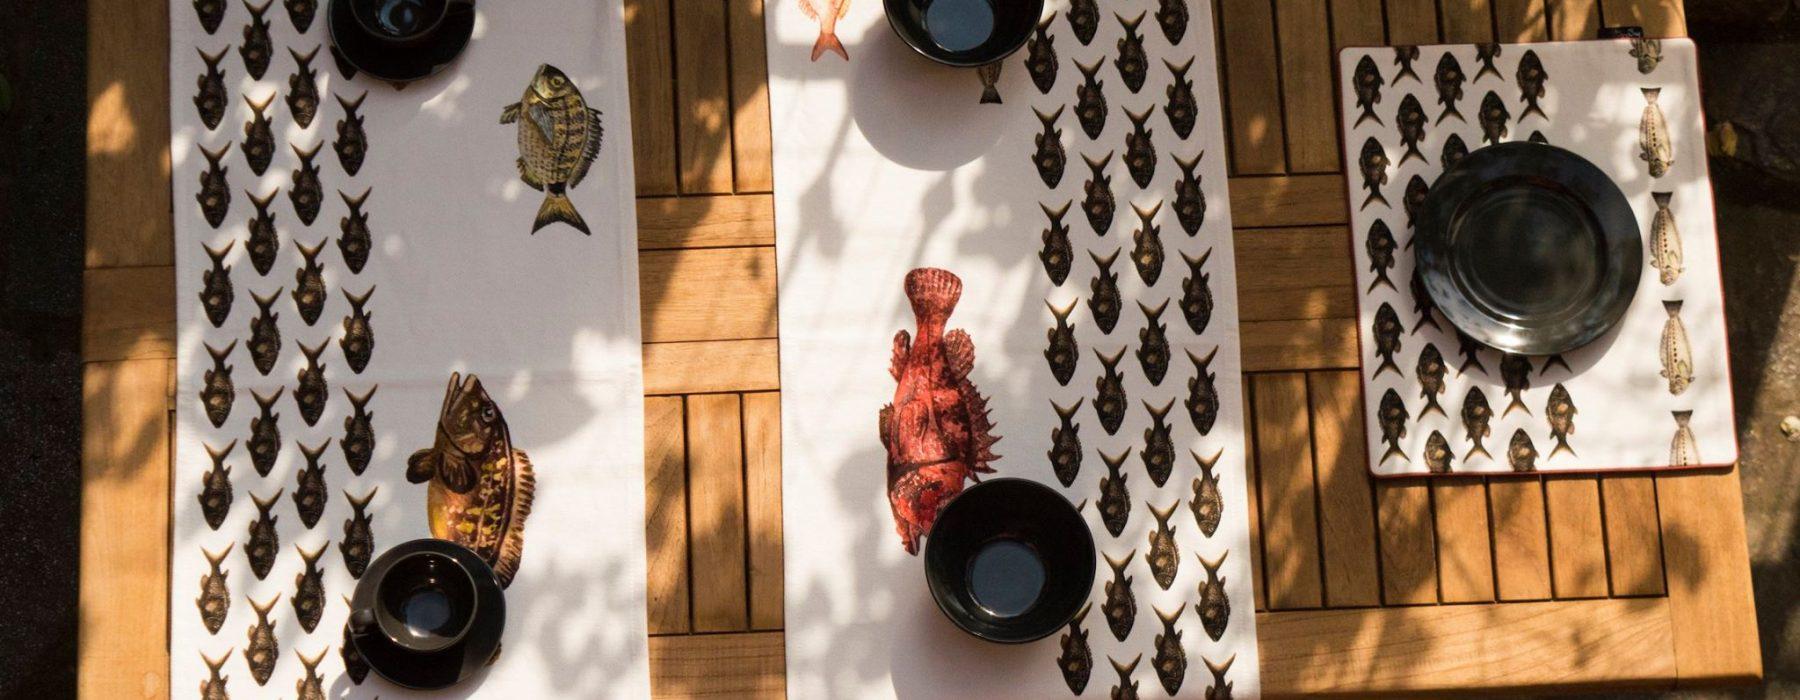 Le Cicale: la nuova espressione del tessile d'arredamento italiano